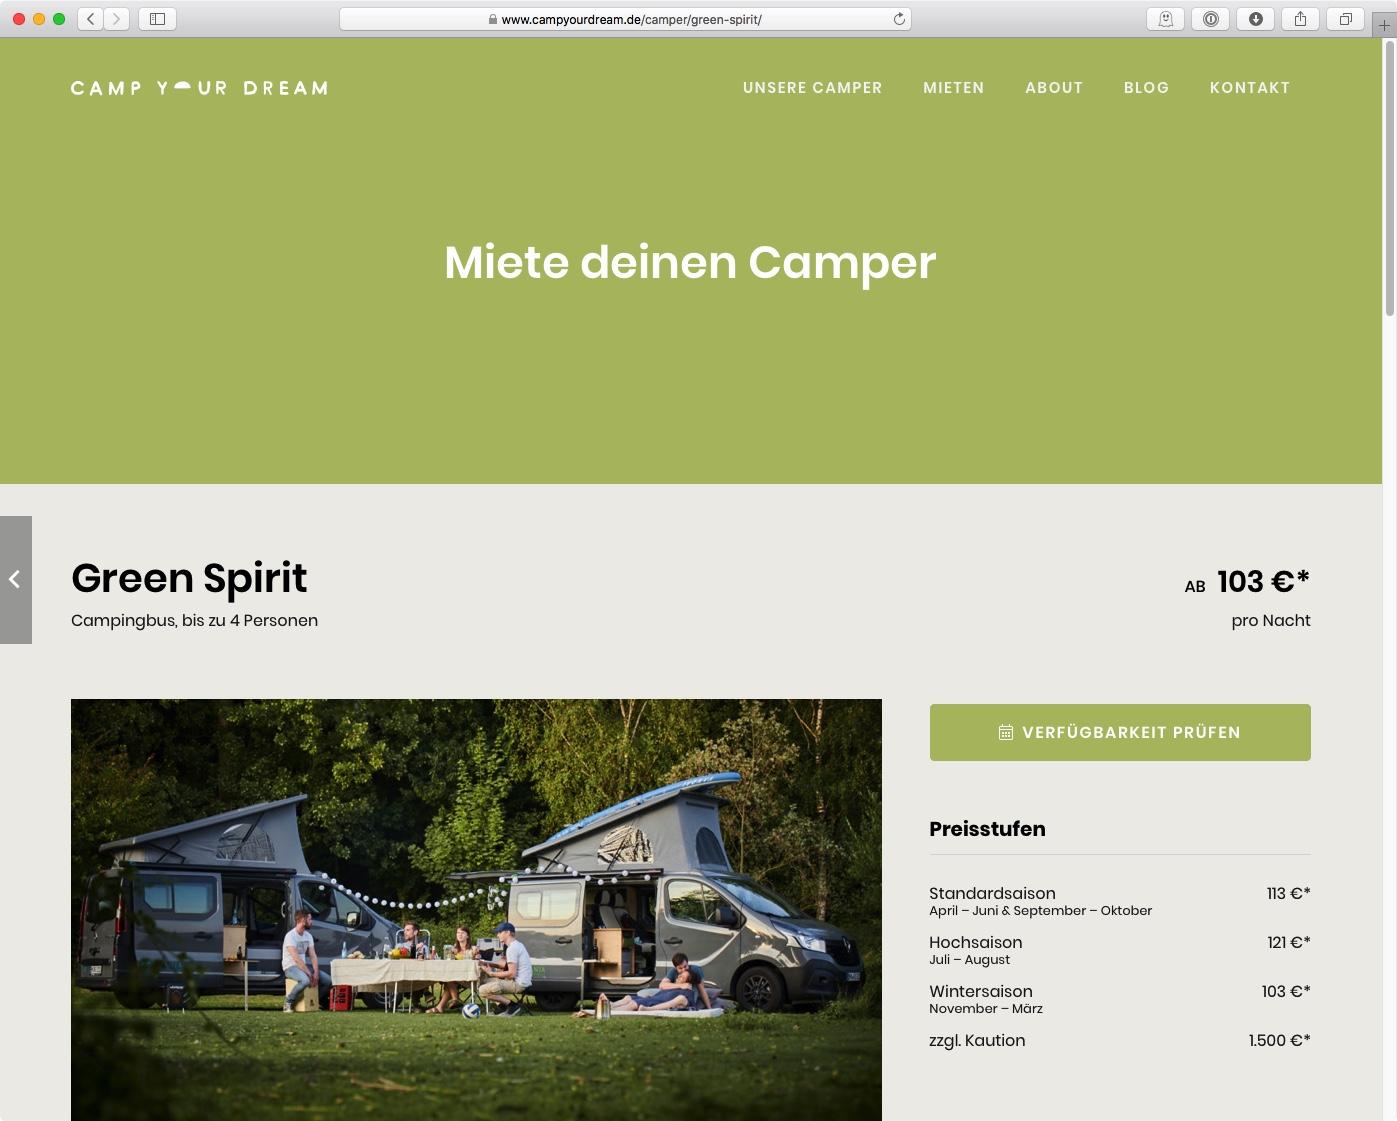 CAMP YOUR DREAM - Green-Spirit (Farbkonzept)